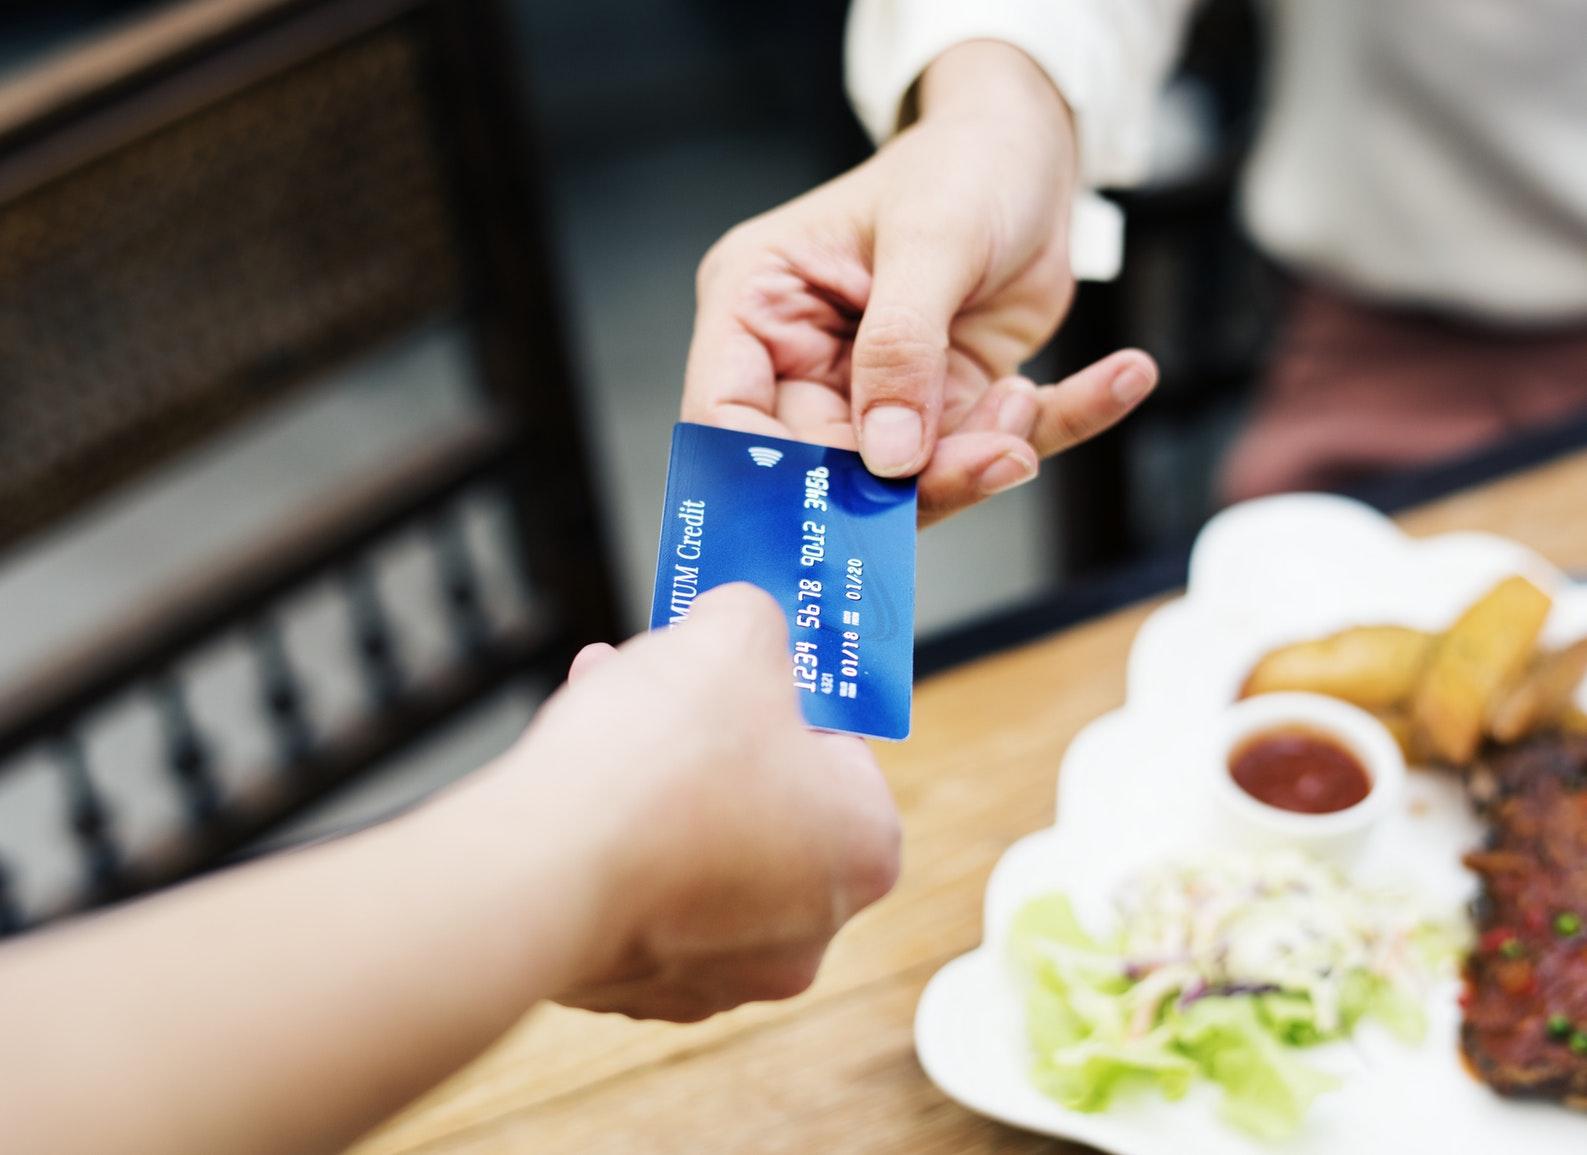 Как отправить деньги скарты накарту спомощью телефона или ПК?